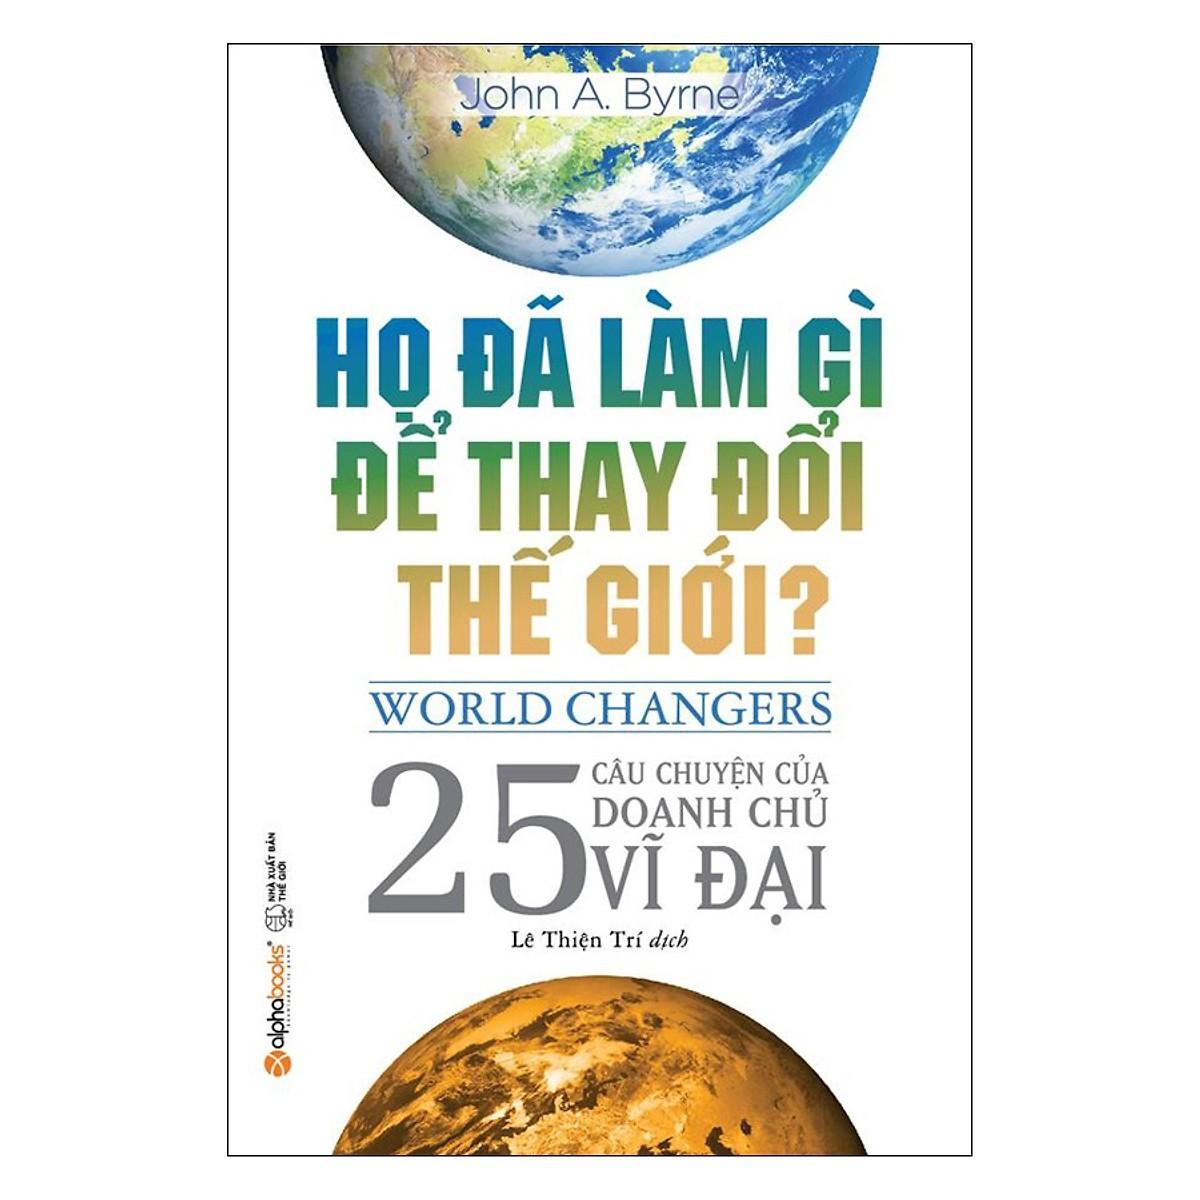 Deal Ưu Đãi Sách - Họ đã Làm Gì để Thay đổi Thế Giới?